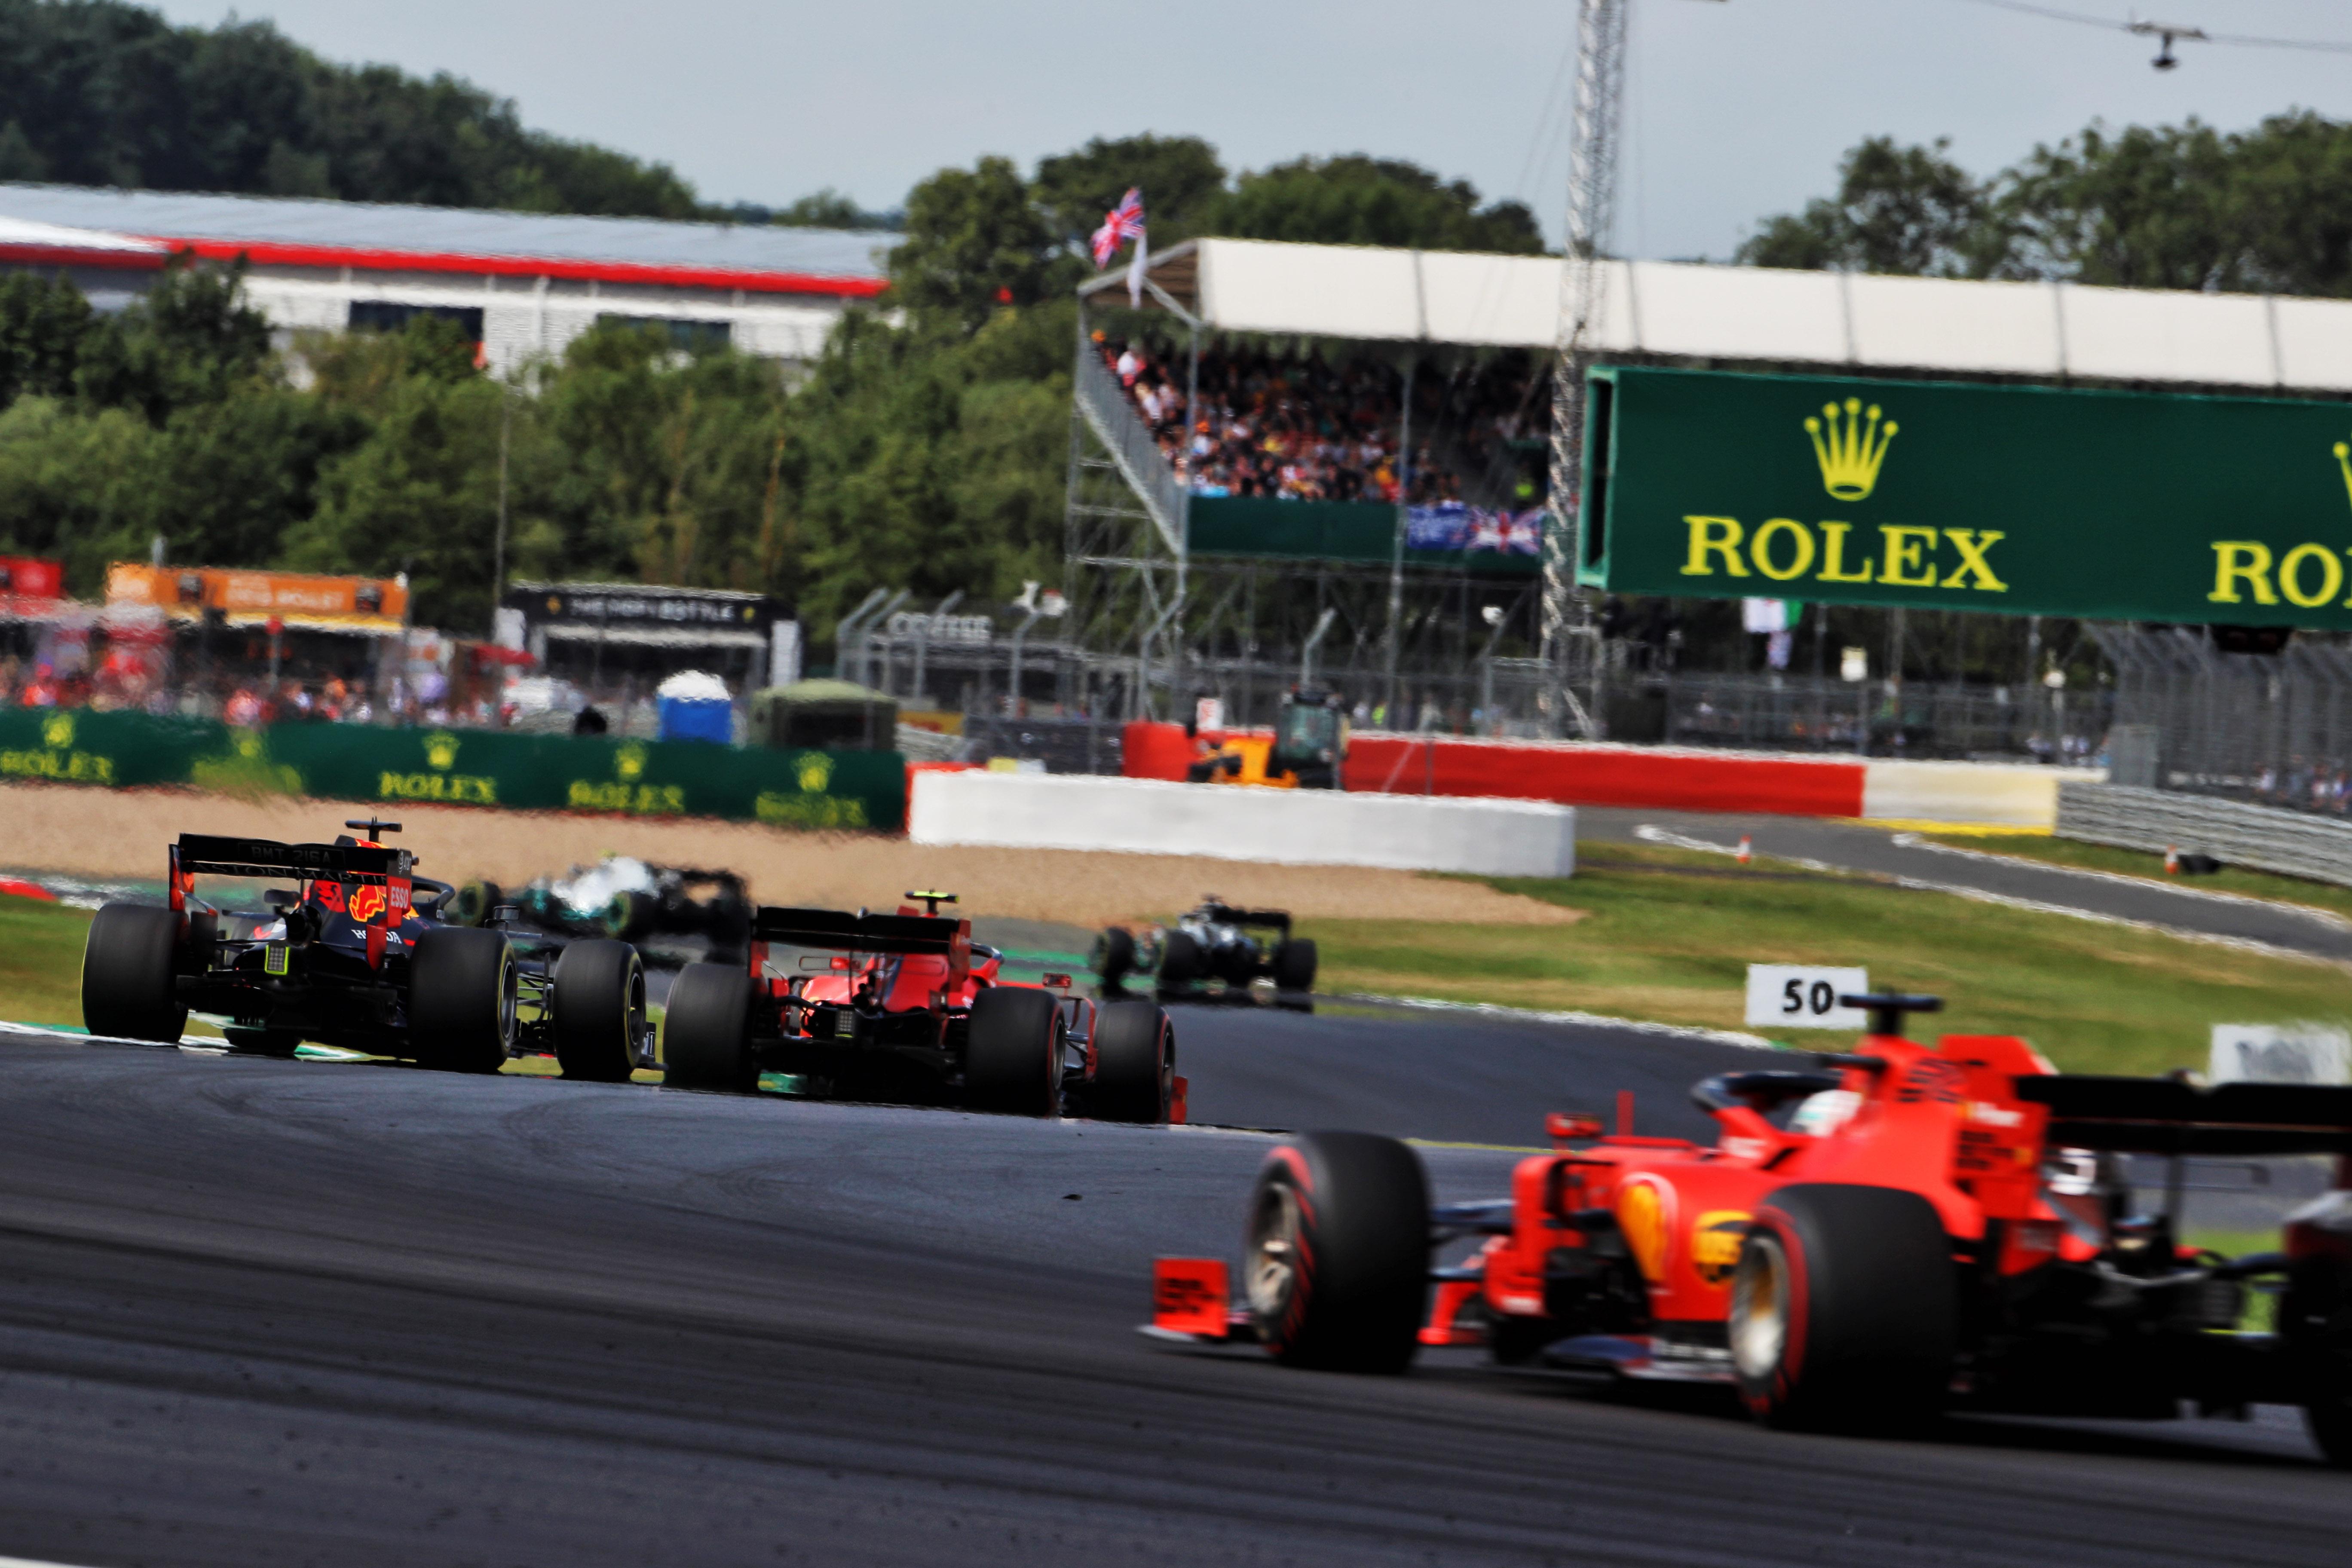 British Grand Prix 2019 Silverstone